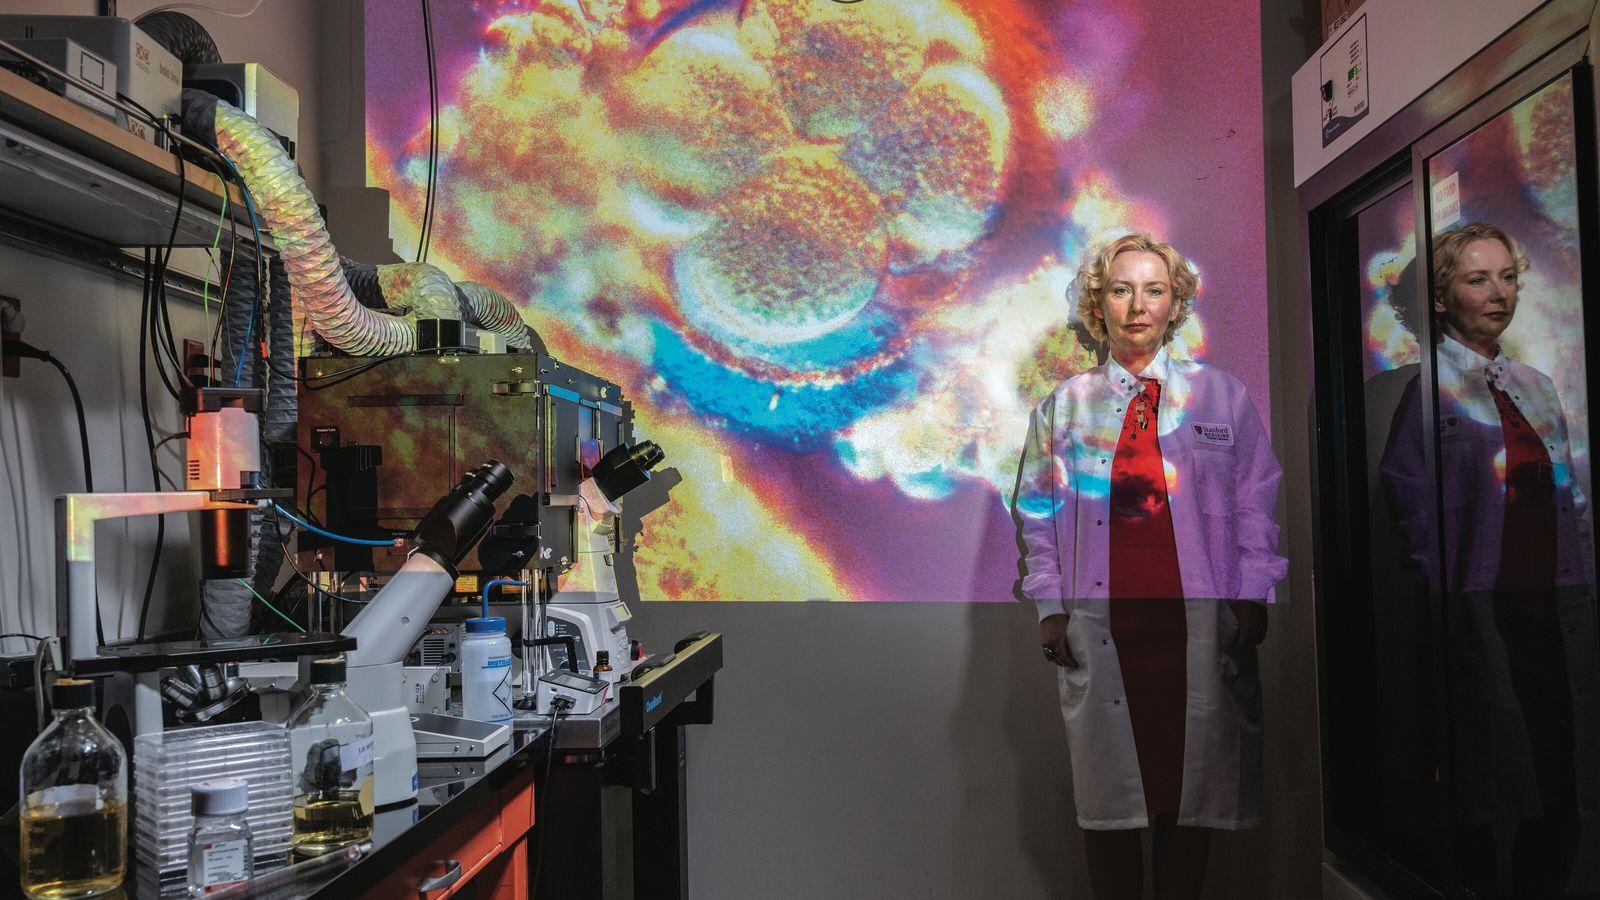 La découverte de virus bénéfiques. Stanford, Californie, États-Unis. Tous les virus ne causent pas des pandémies. Certains ...